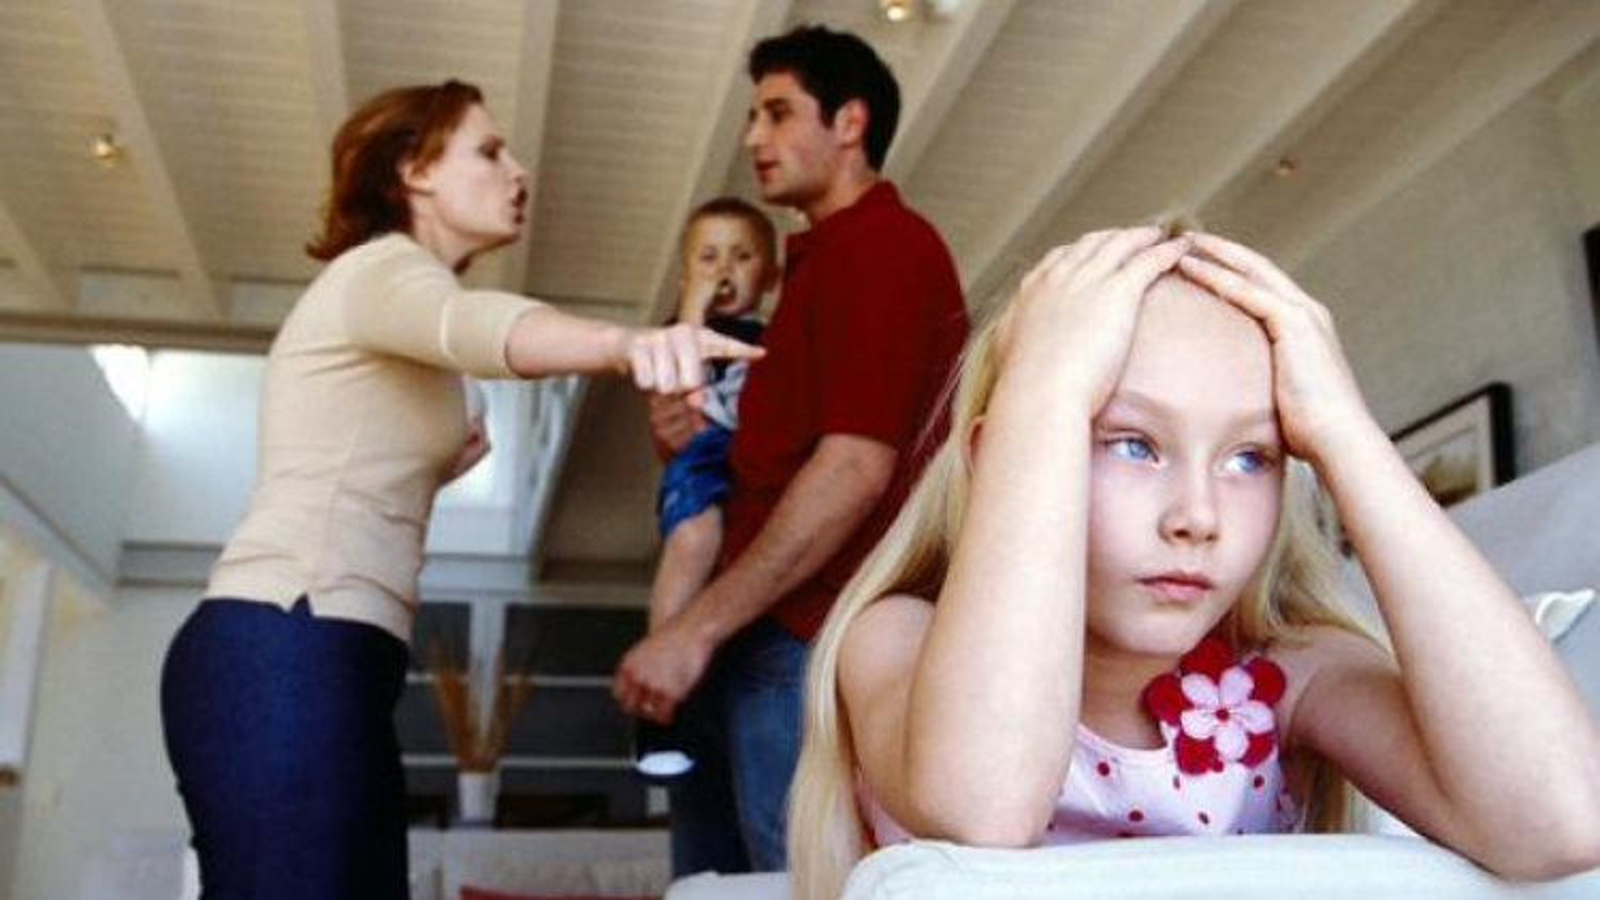 Làm sao để giải quyết mâu thuẫn gia đình?